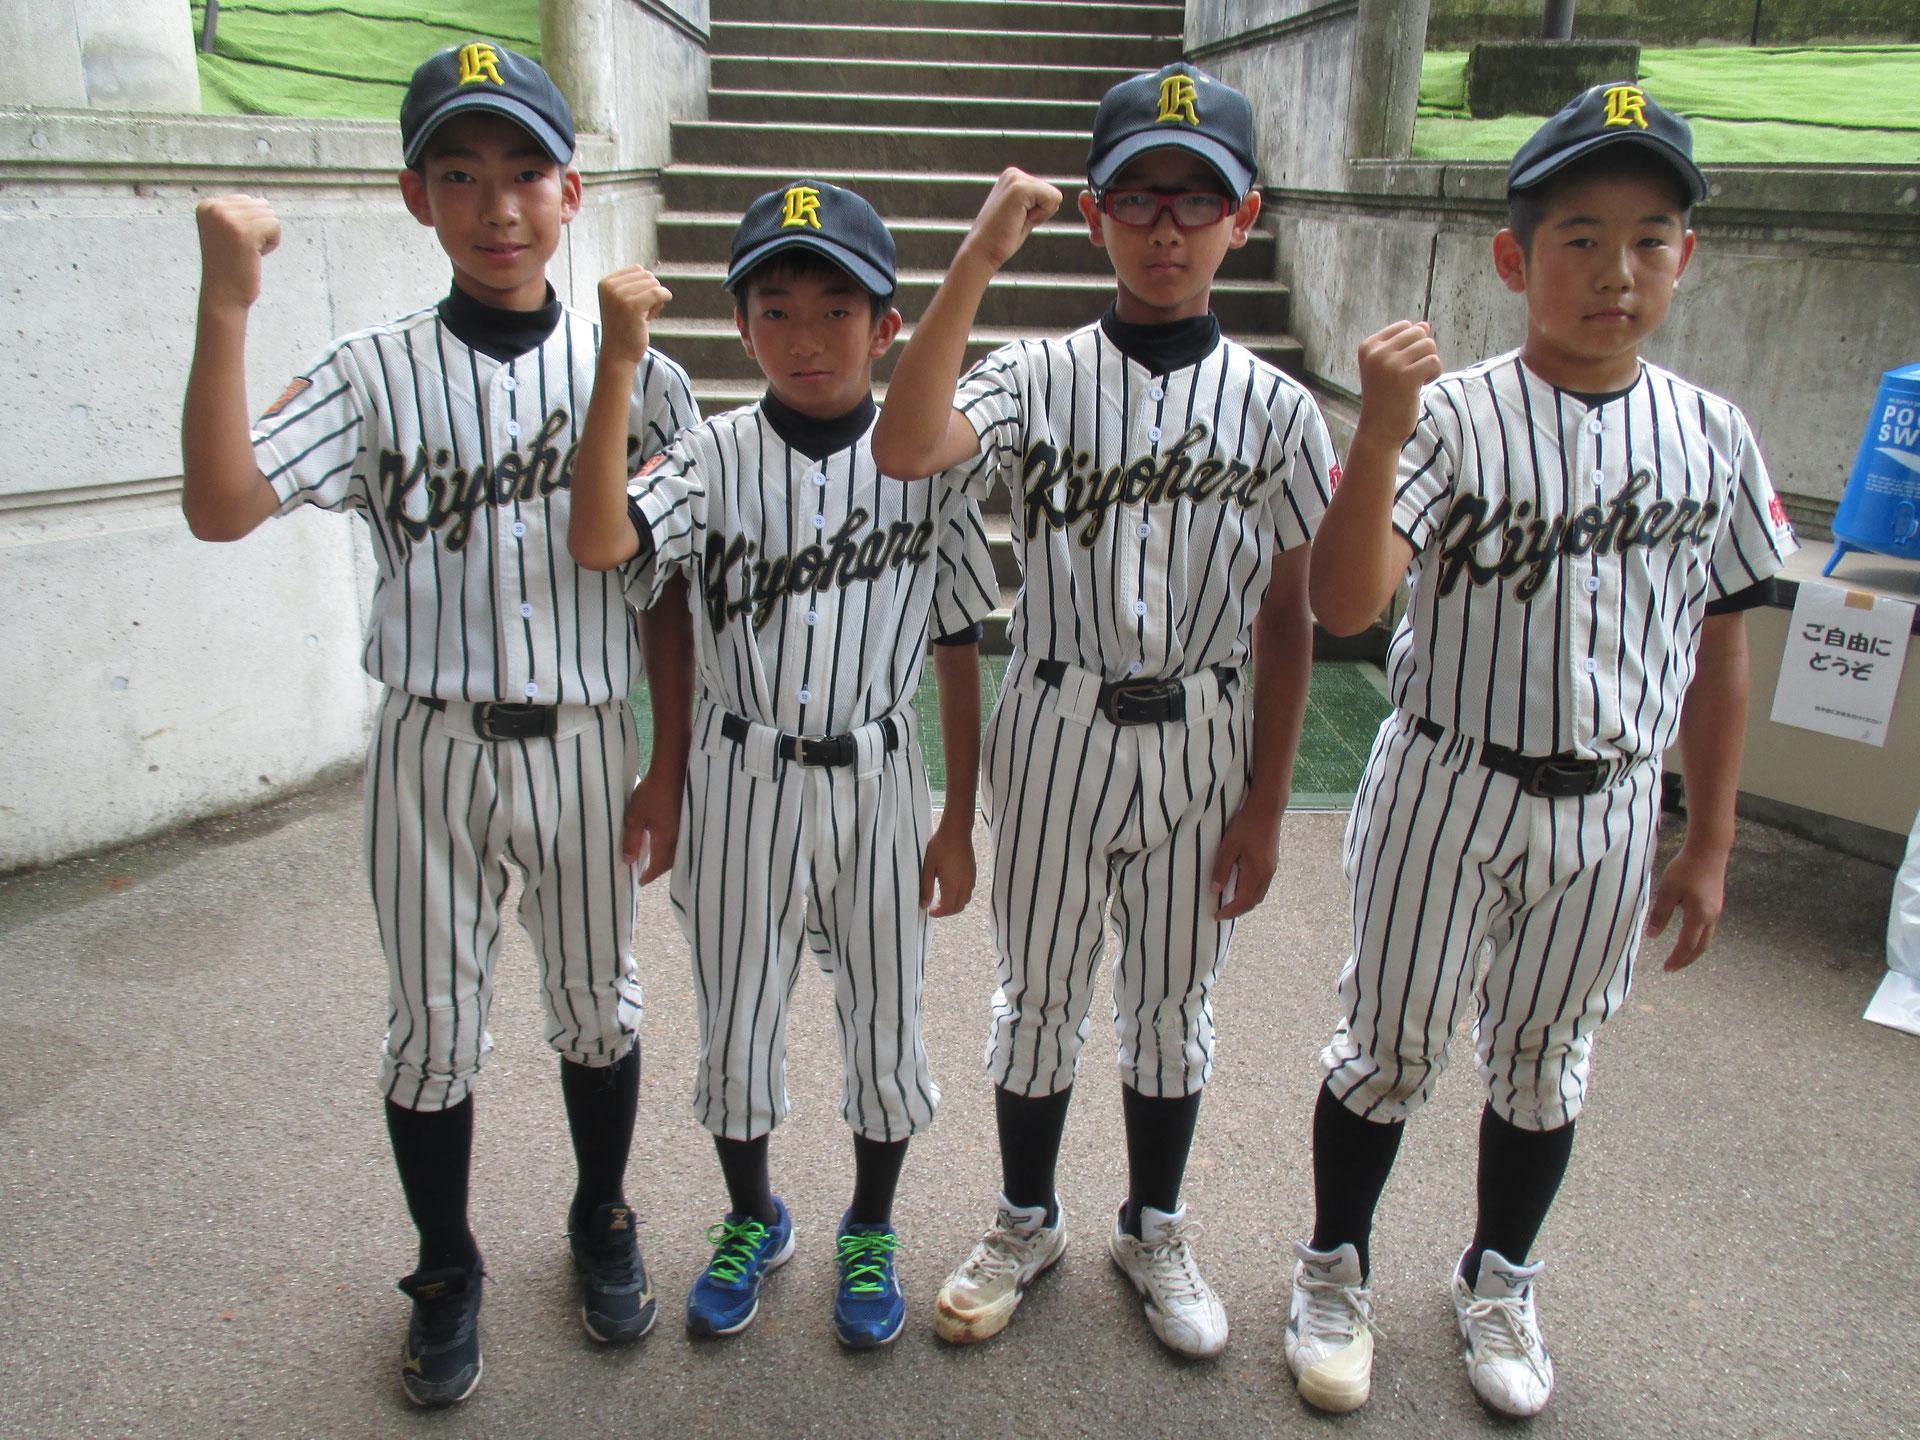 全国 回 軟式 野球 第 中学校 大会 41